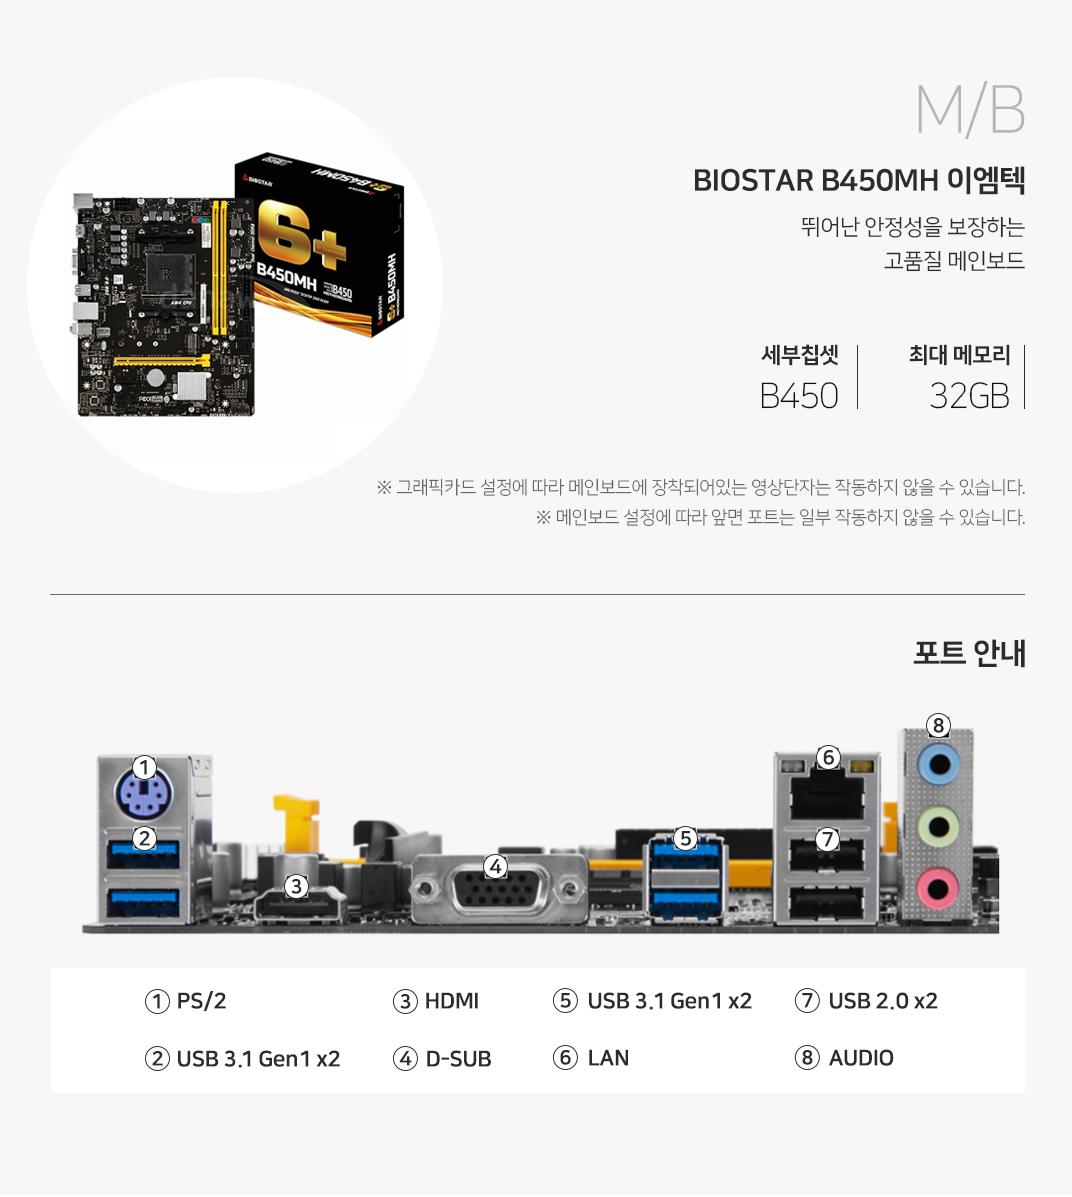 M/B BIOSTAR B450MH 이엠텍 가성비 그 이상을 뛰어넘는 최상급 퍼포먼스와 안정성  32GB 세부칩셋 B450 그래픽카드 설정에 따라 메인보드에 장착되어있는 영상 단자는 작동하지 않을 수도 있습니다. 메인보드 설정에 따라 상단 포트는 일부 작동하지 않을 수도 있습니다 포트를 확인하세요 1 PS/2 Port 2. USB 3.1 x2 3 HDMI 4 D-SUB 5 USB 3.1 x2 6 LAN 7 USB 2.0 x2 8 AUDIO